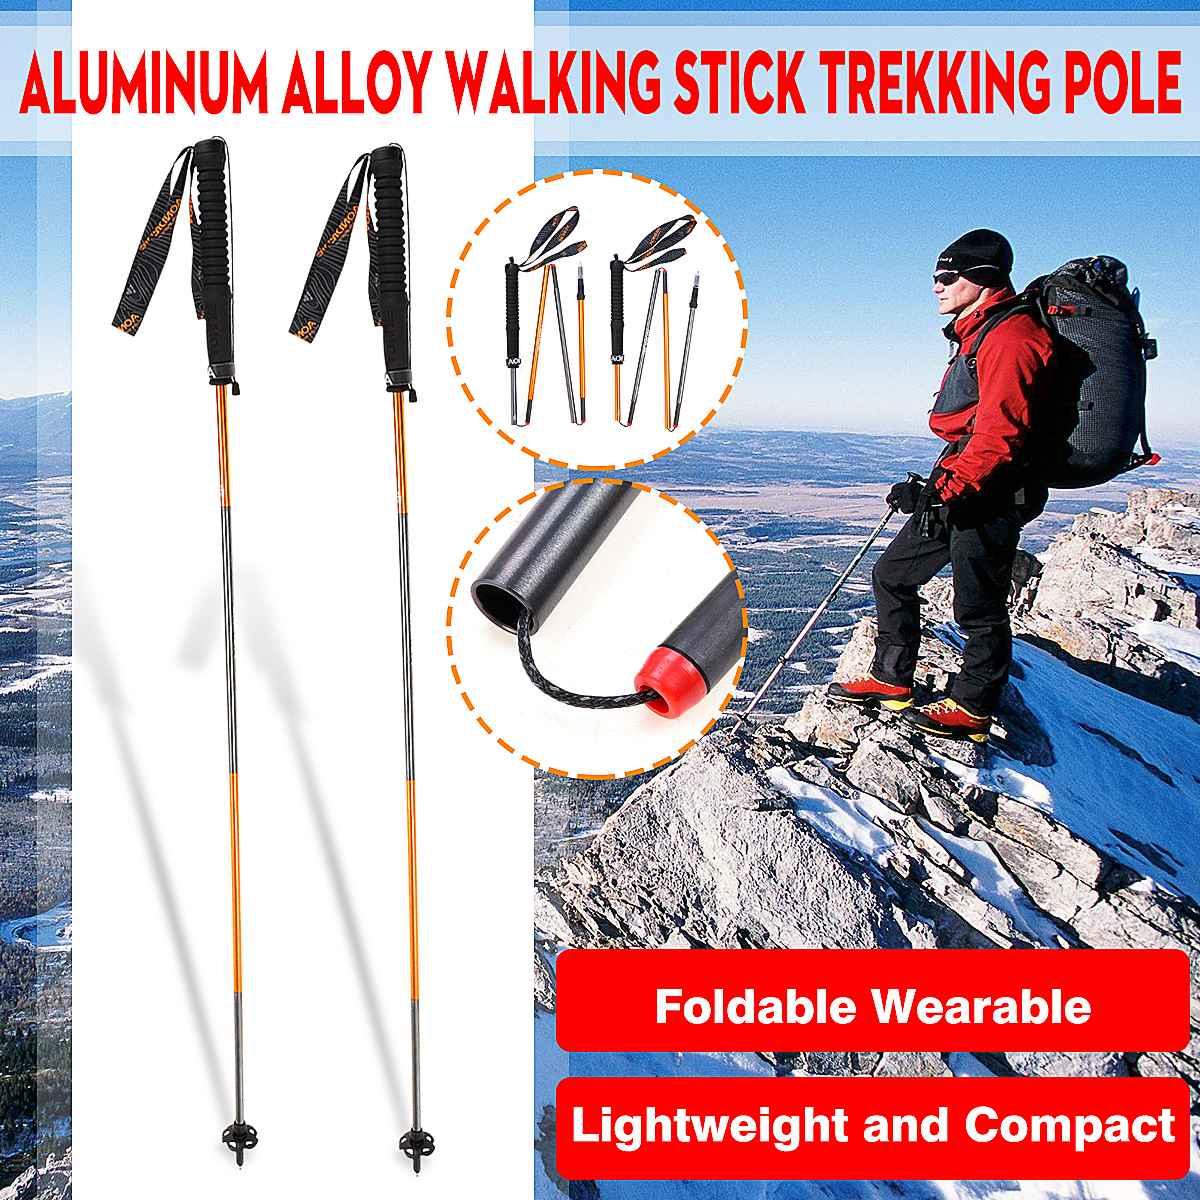 Bâtons de randonnée en Fiber de carbone bâtons de marche nordique télescopiques bâtons de randonnée réglables cannes de marche accessoires de randonnée avec pointe